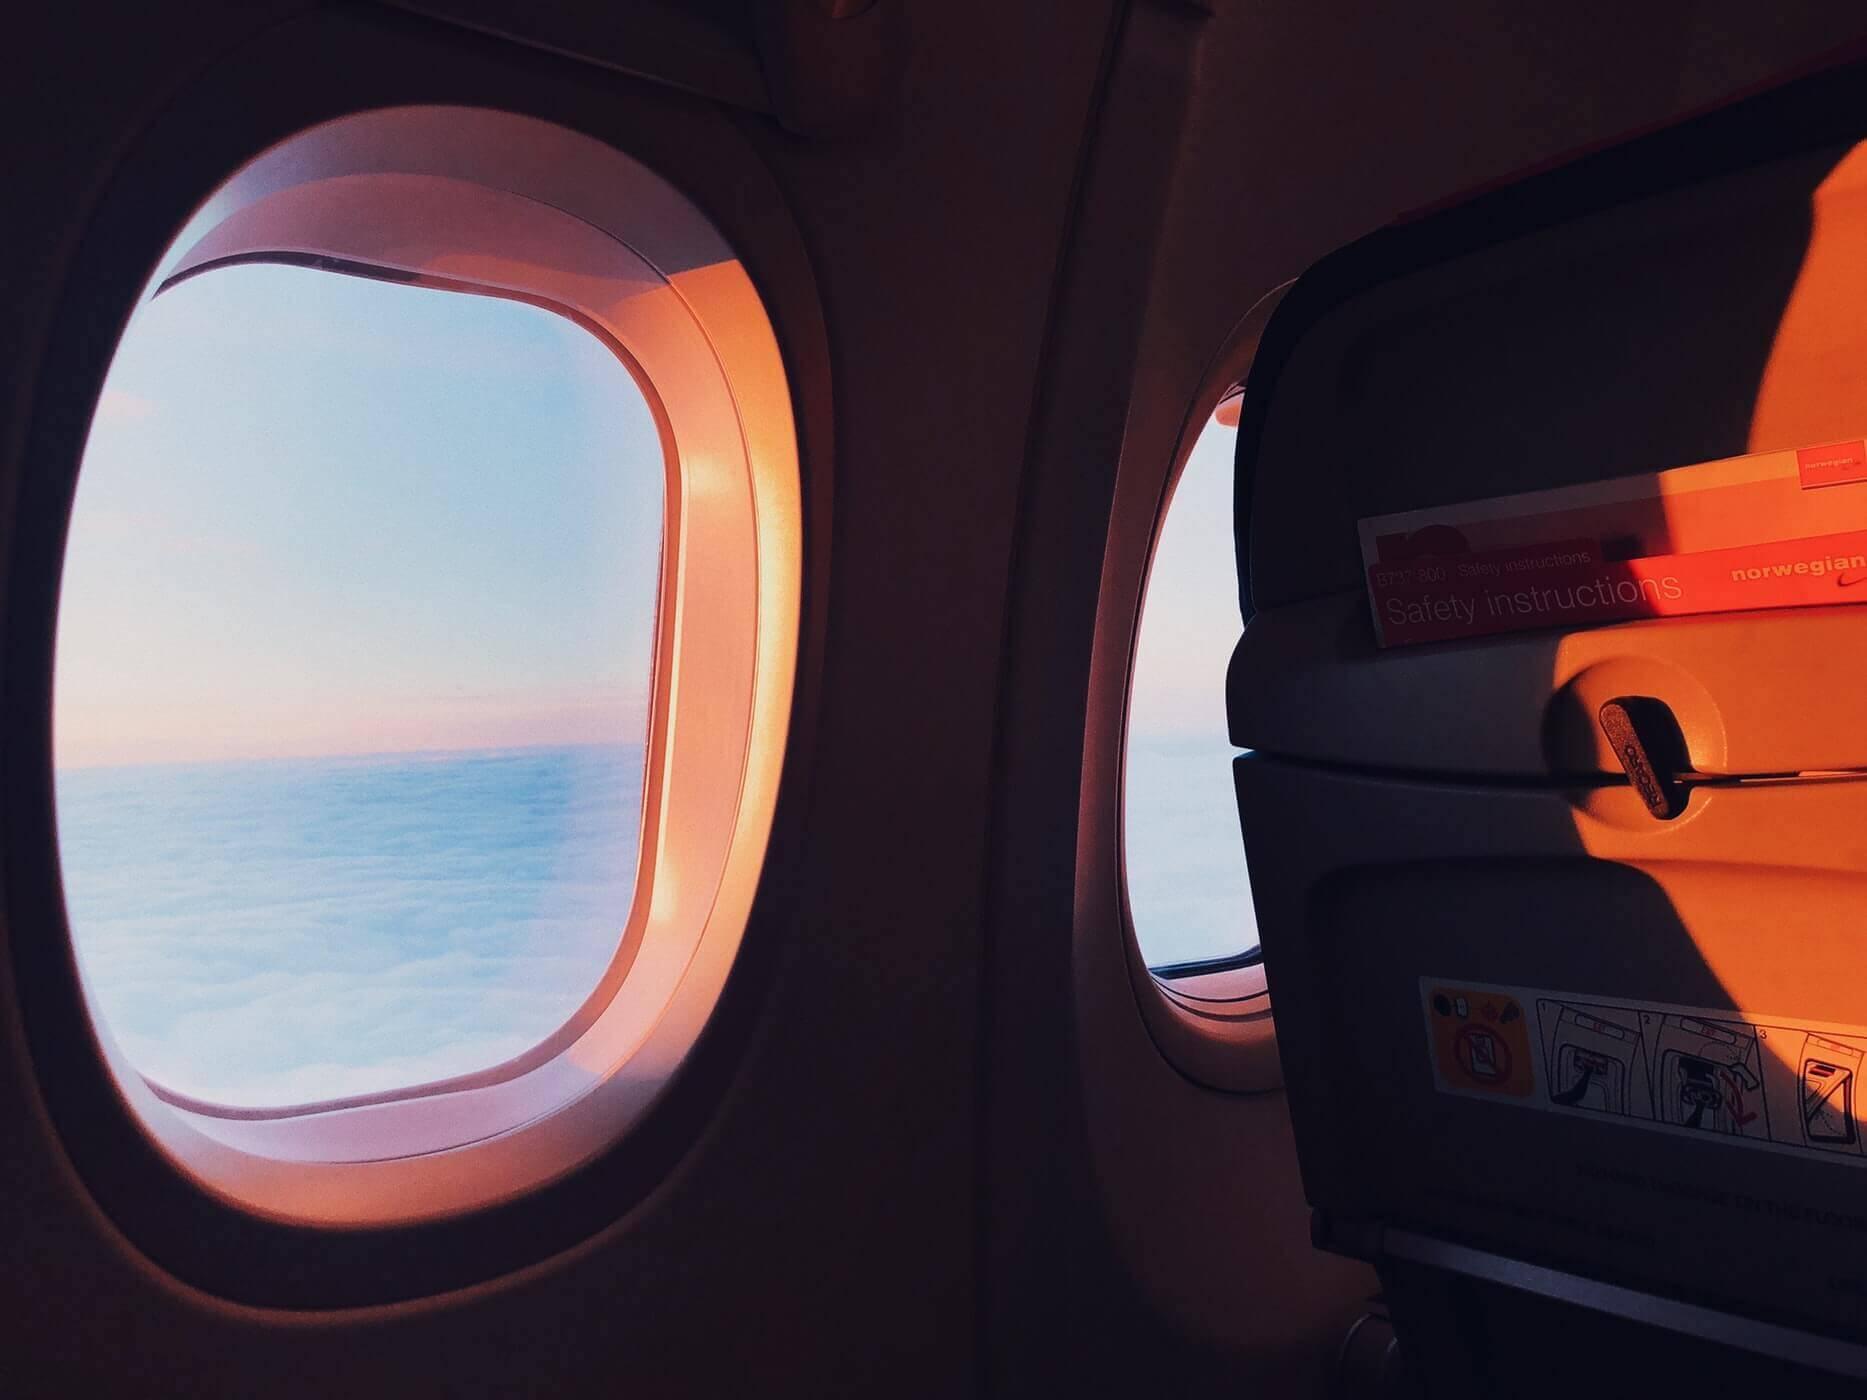 Просто ангельский подкат: как познакомиться в аэропорту или самолёте